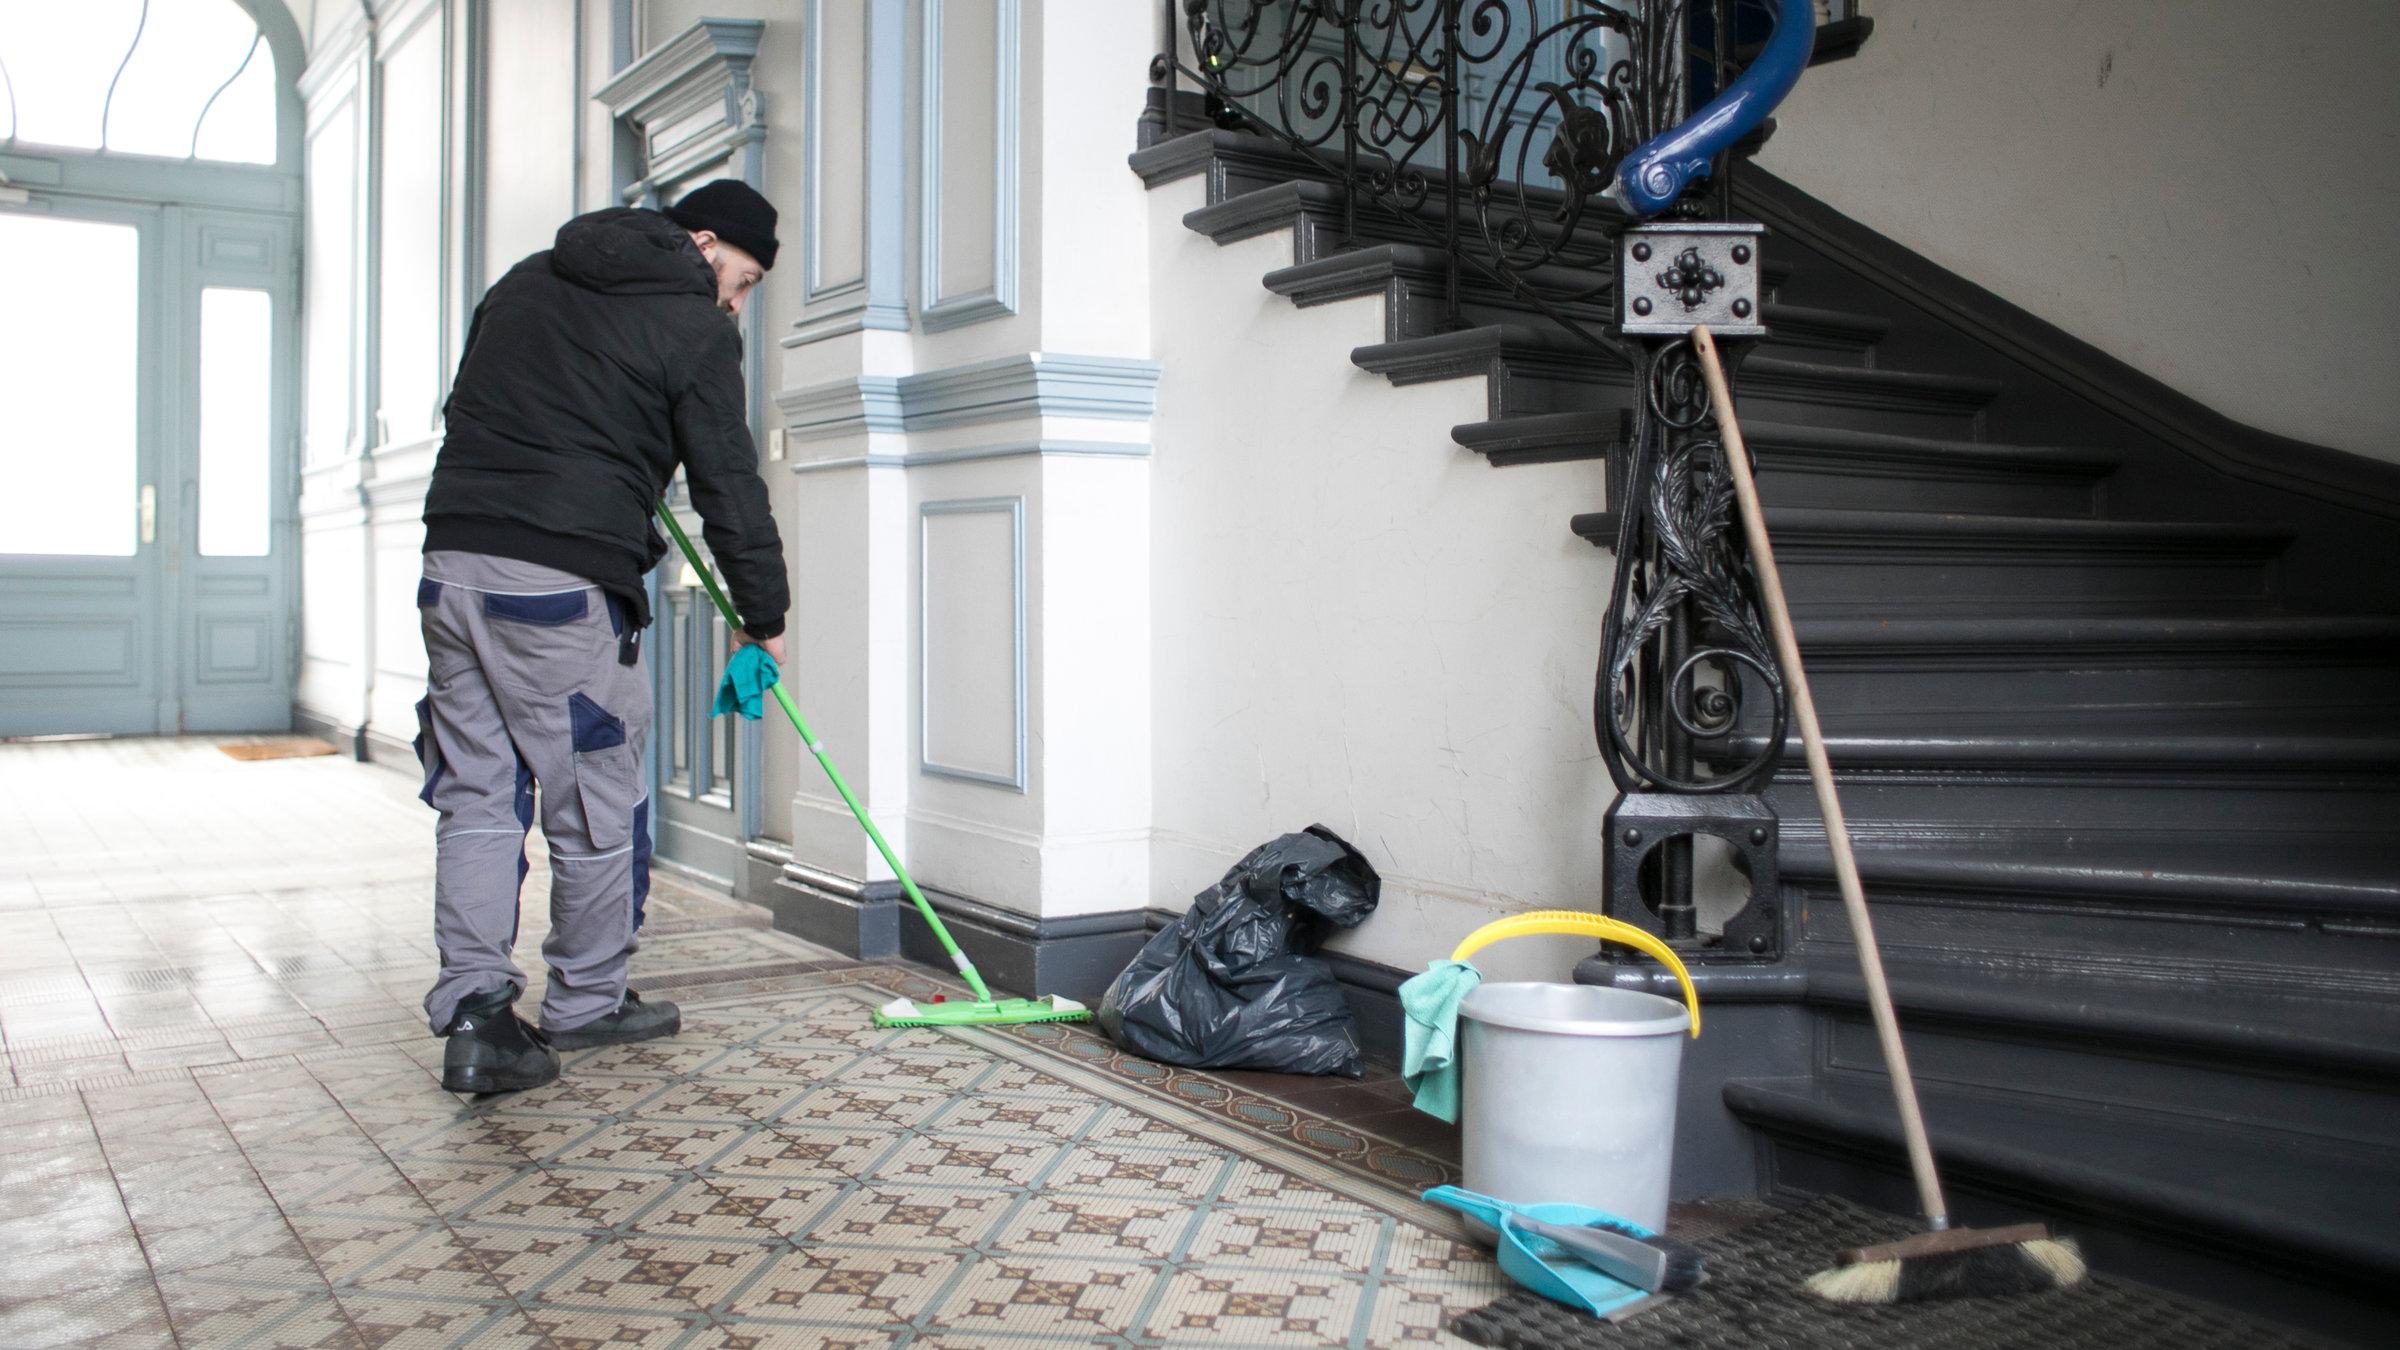 """""""ZDF.reportage: Wutsache - Mindestlohn"""": Ömer wischt den Boden in einem Hausflur."""